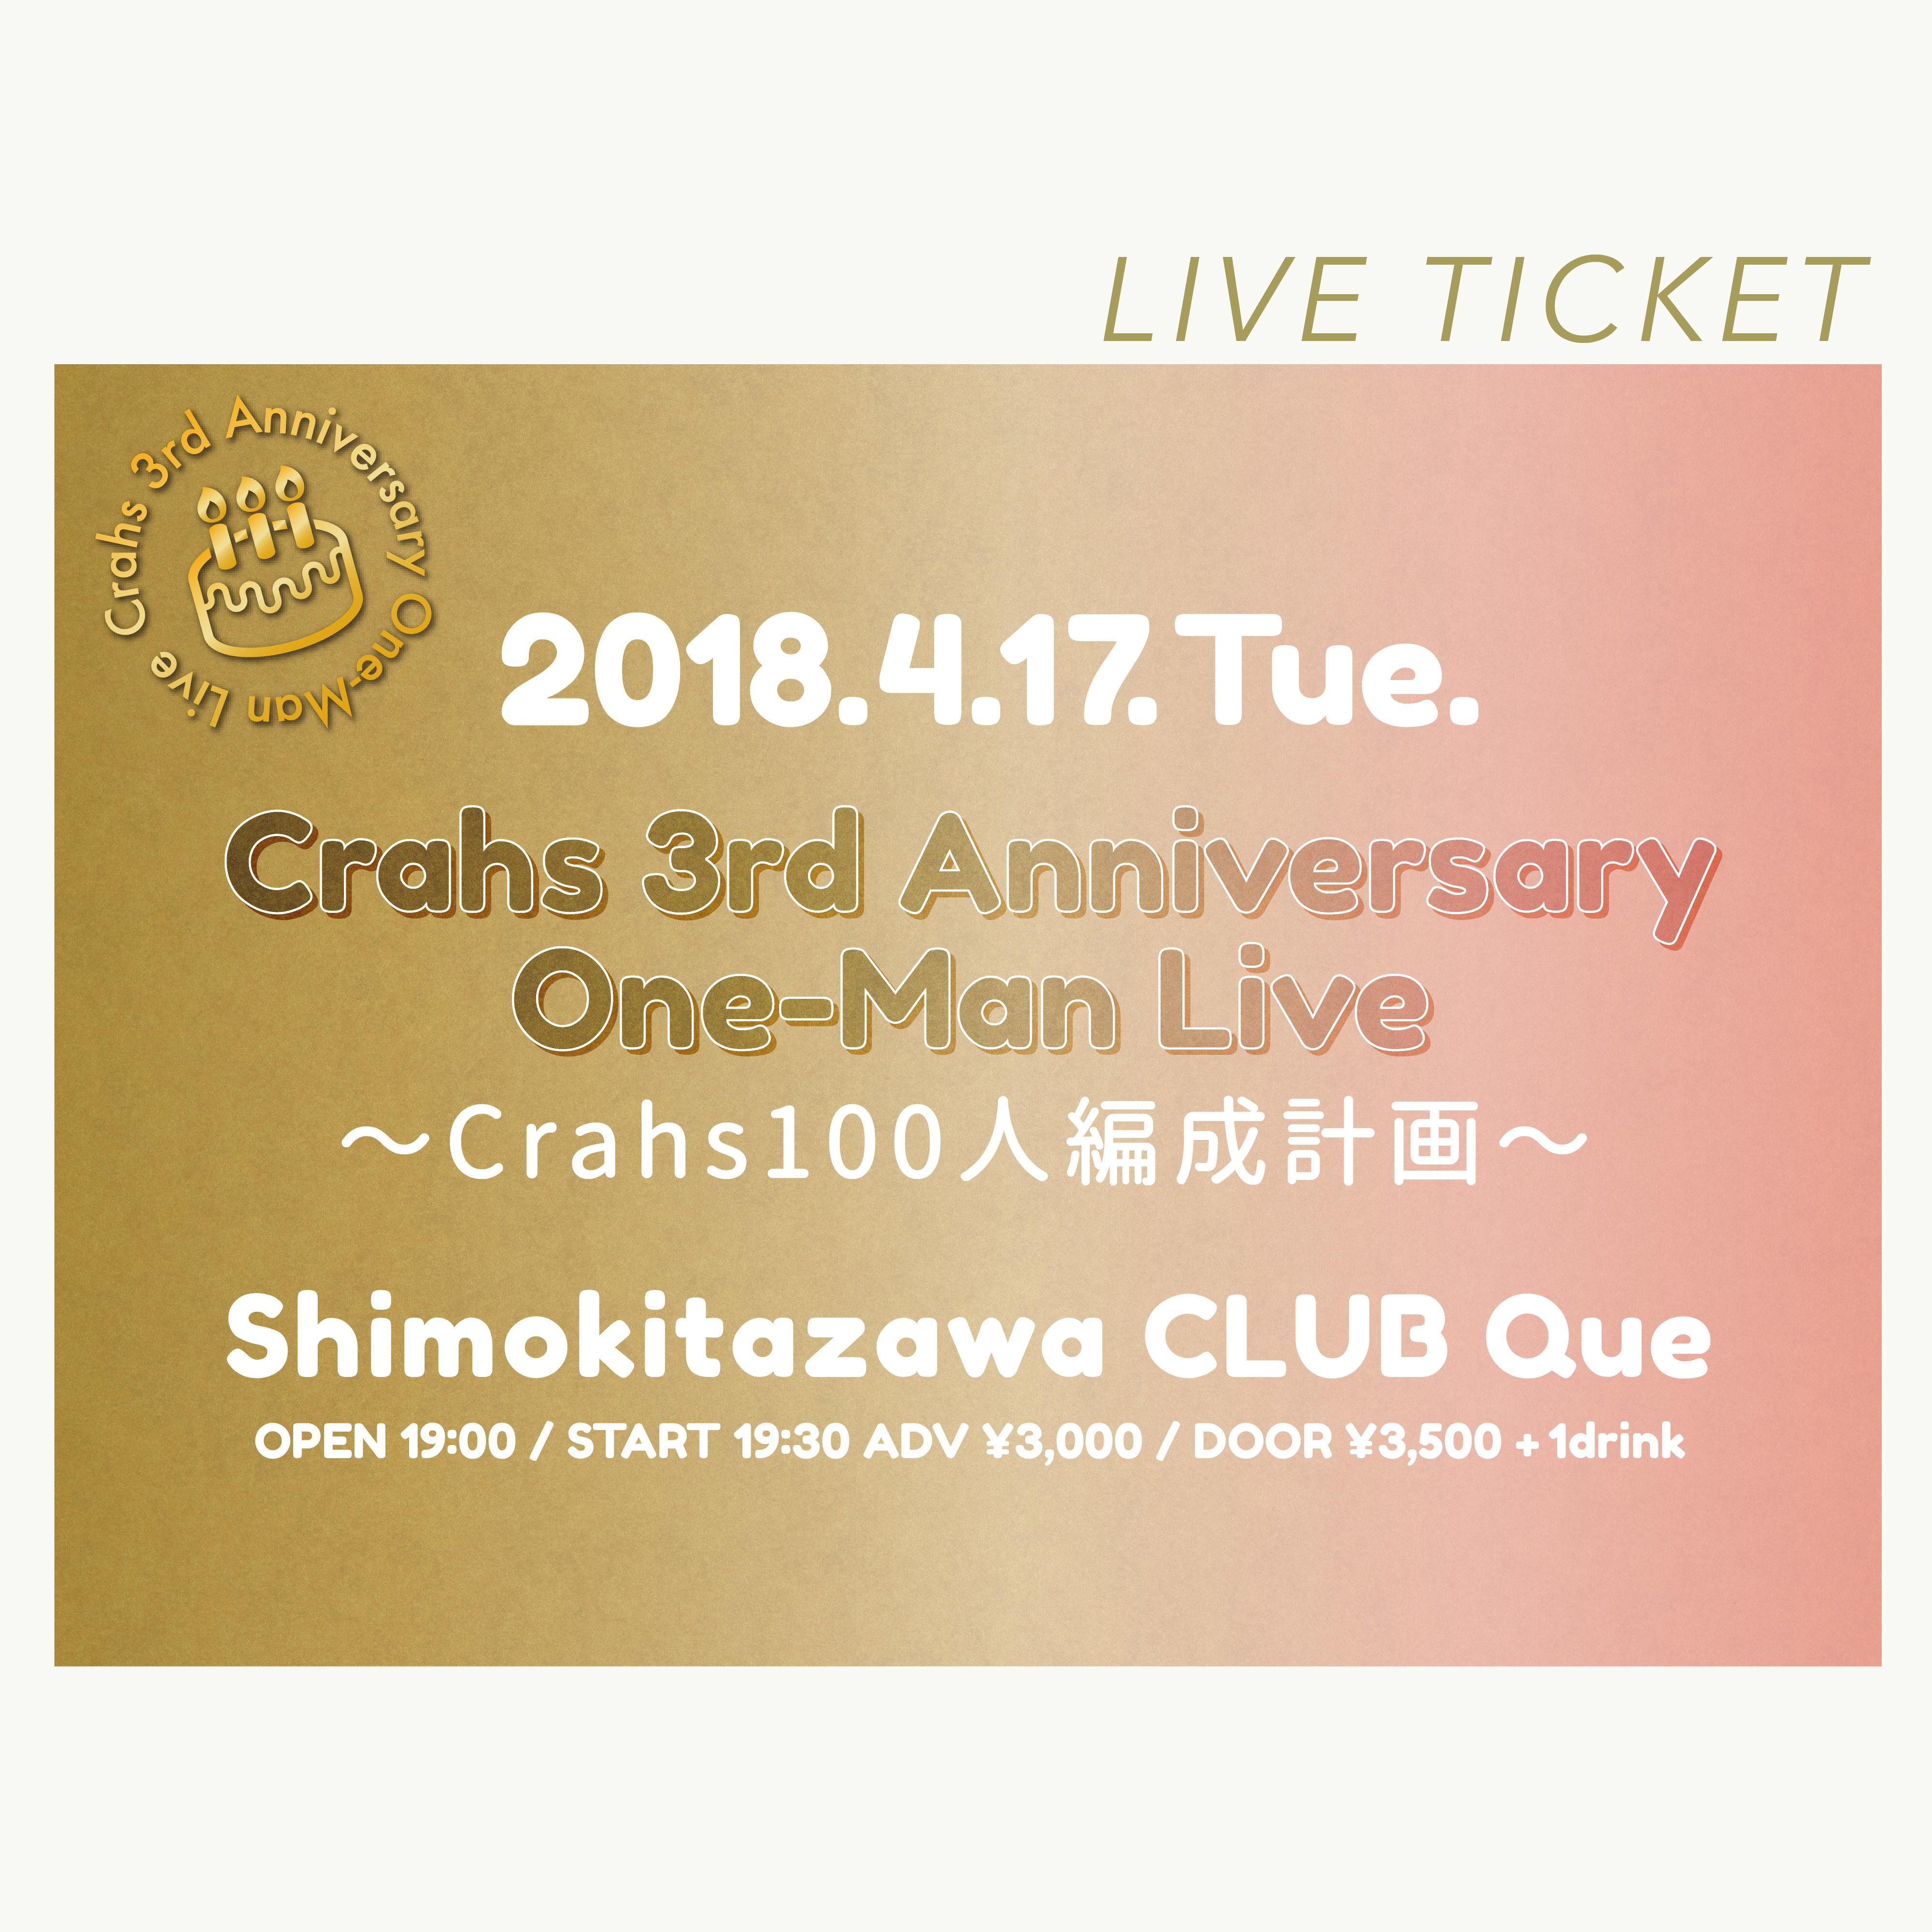 【ライブチケット】2018.4.17(火)下北沢CLUB Que「Crahs 3rd Anniversary One-Man LIVE~Crahs100人編成計画~